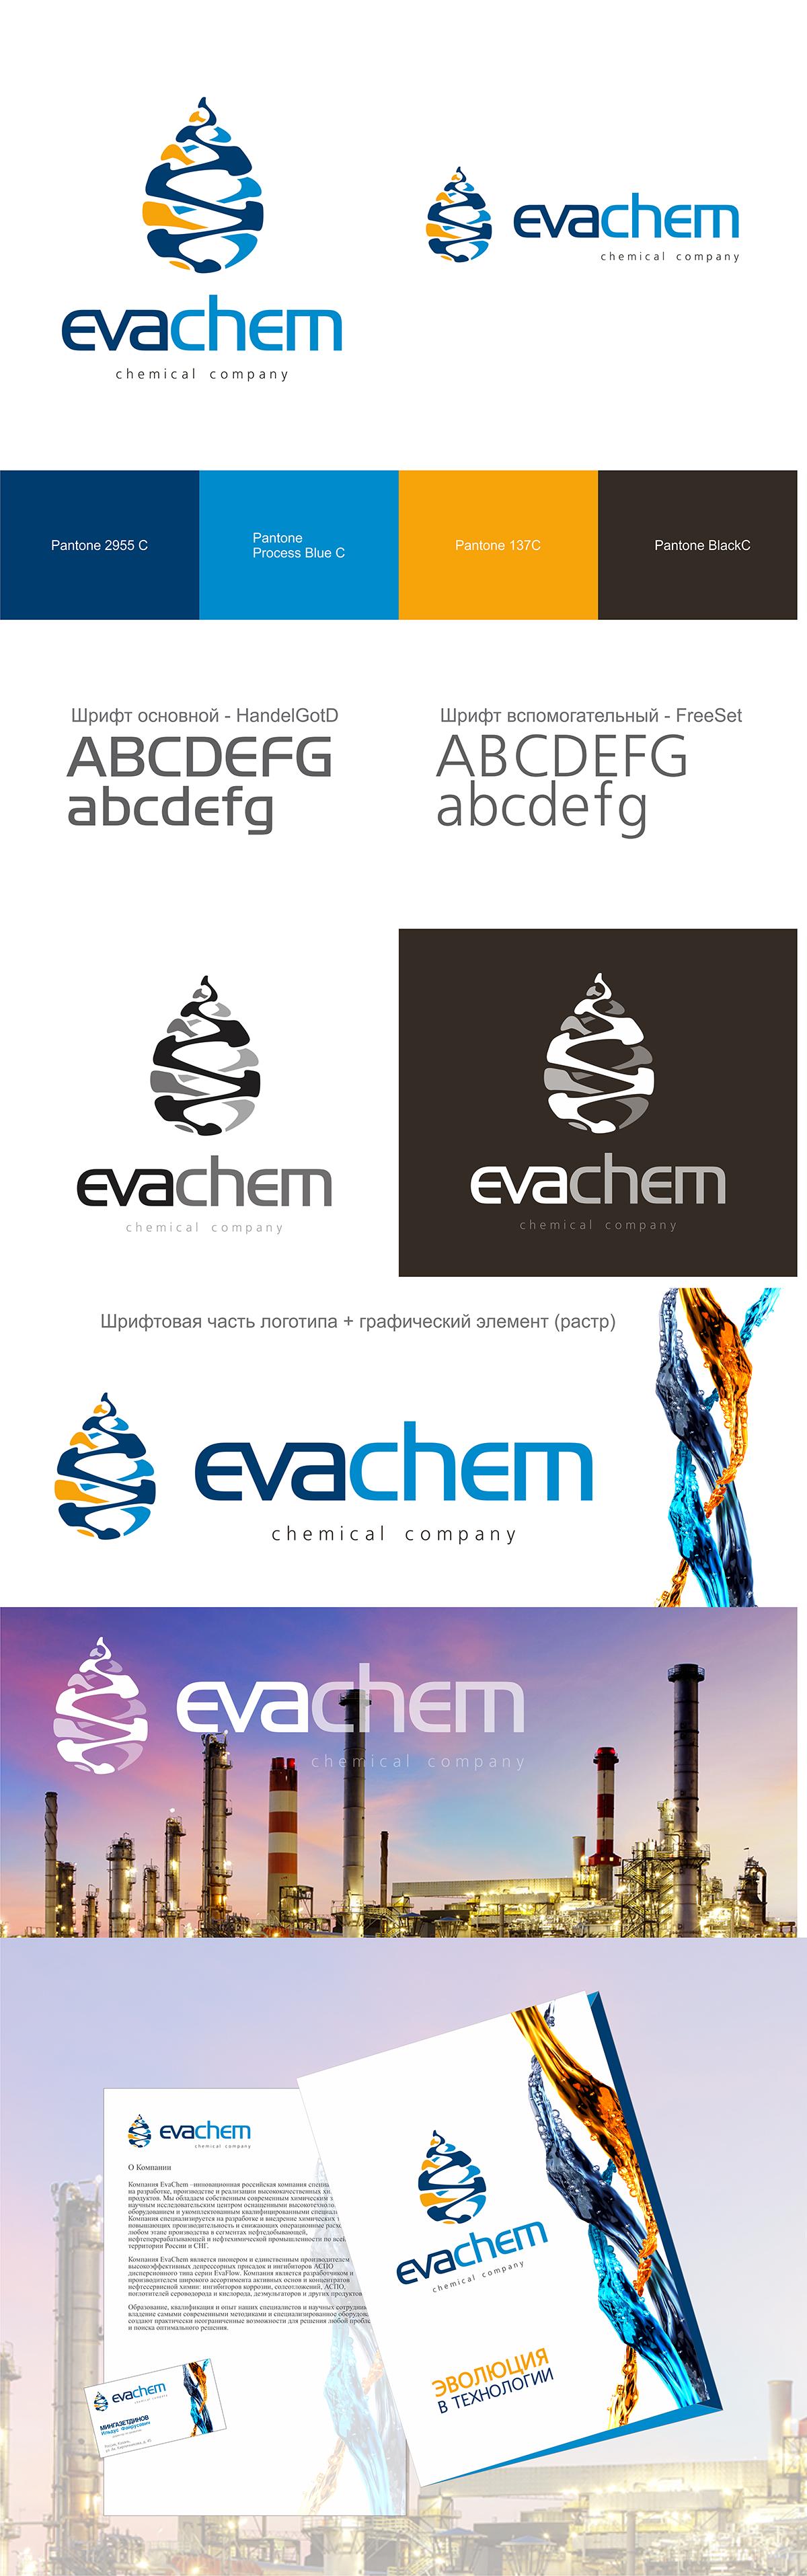 Разработка логотипа и фирменного стиля компании фото f_7345736f8d53dd66.png